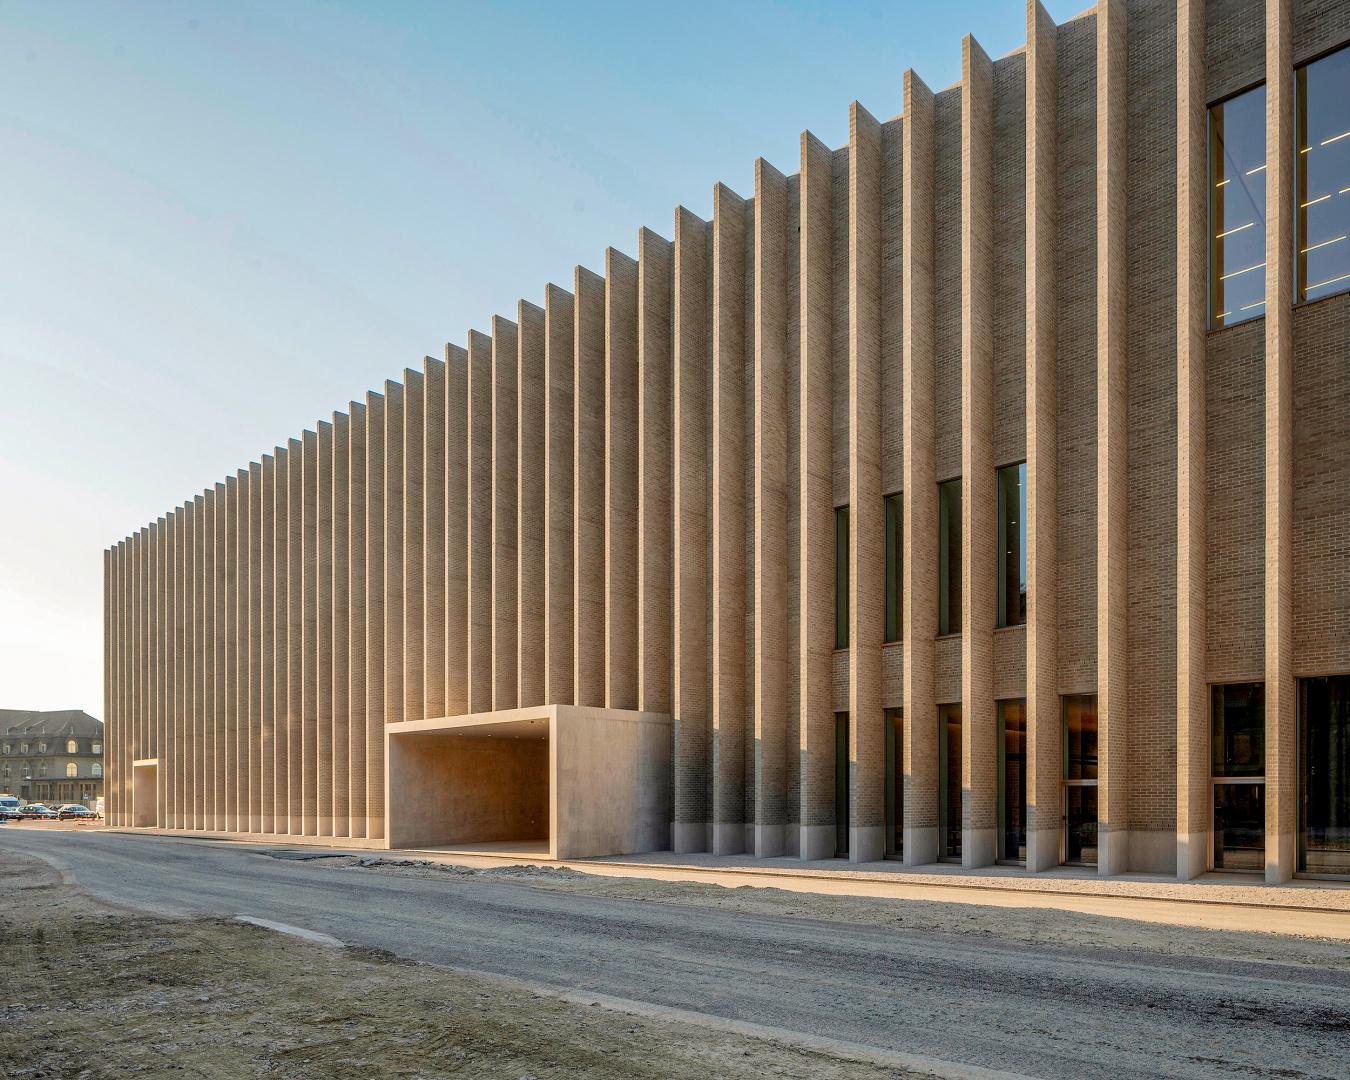 La façade est «allégée» par des éléments verticaux répétitifs. En choisissant cette disposition particulière, la massivité du bâtiment est rompue. © Matthieu Gafsou